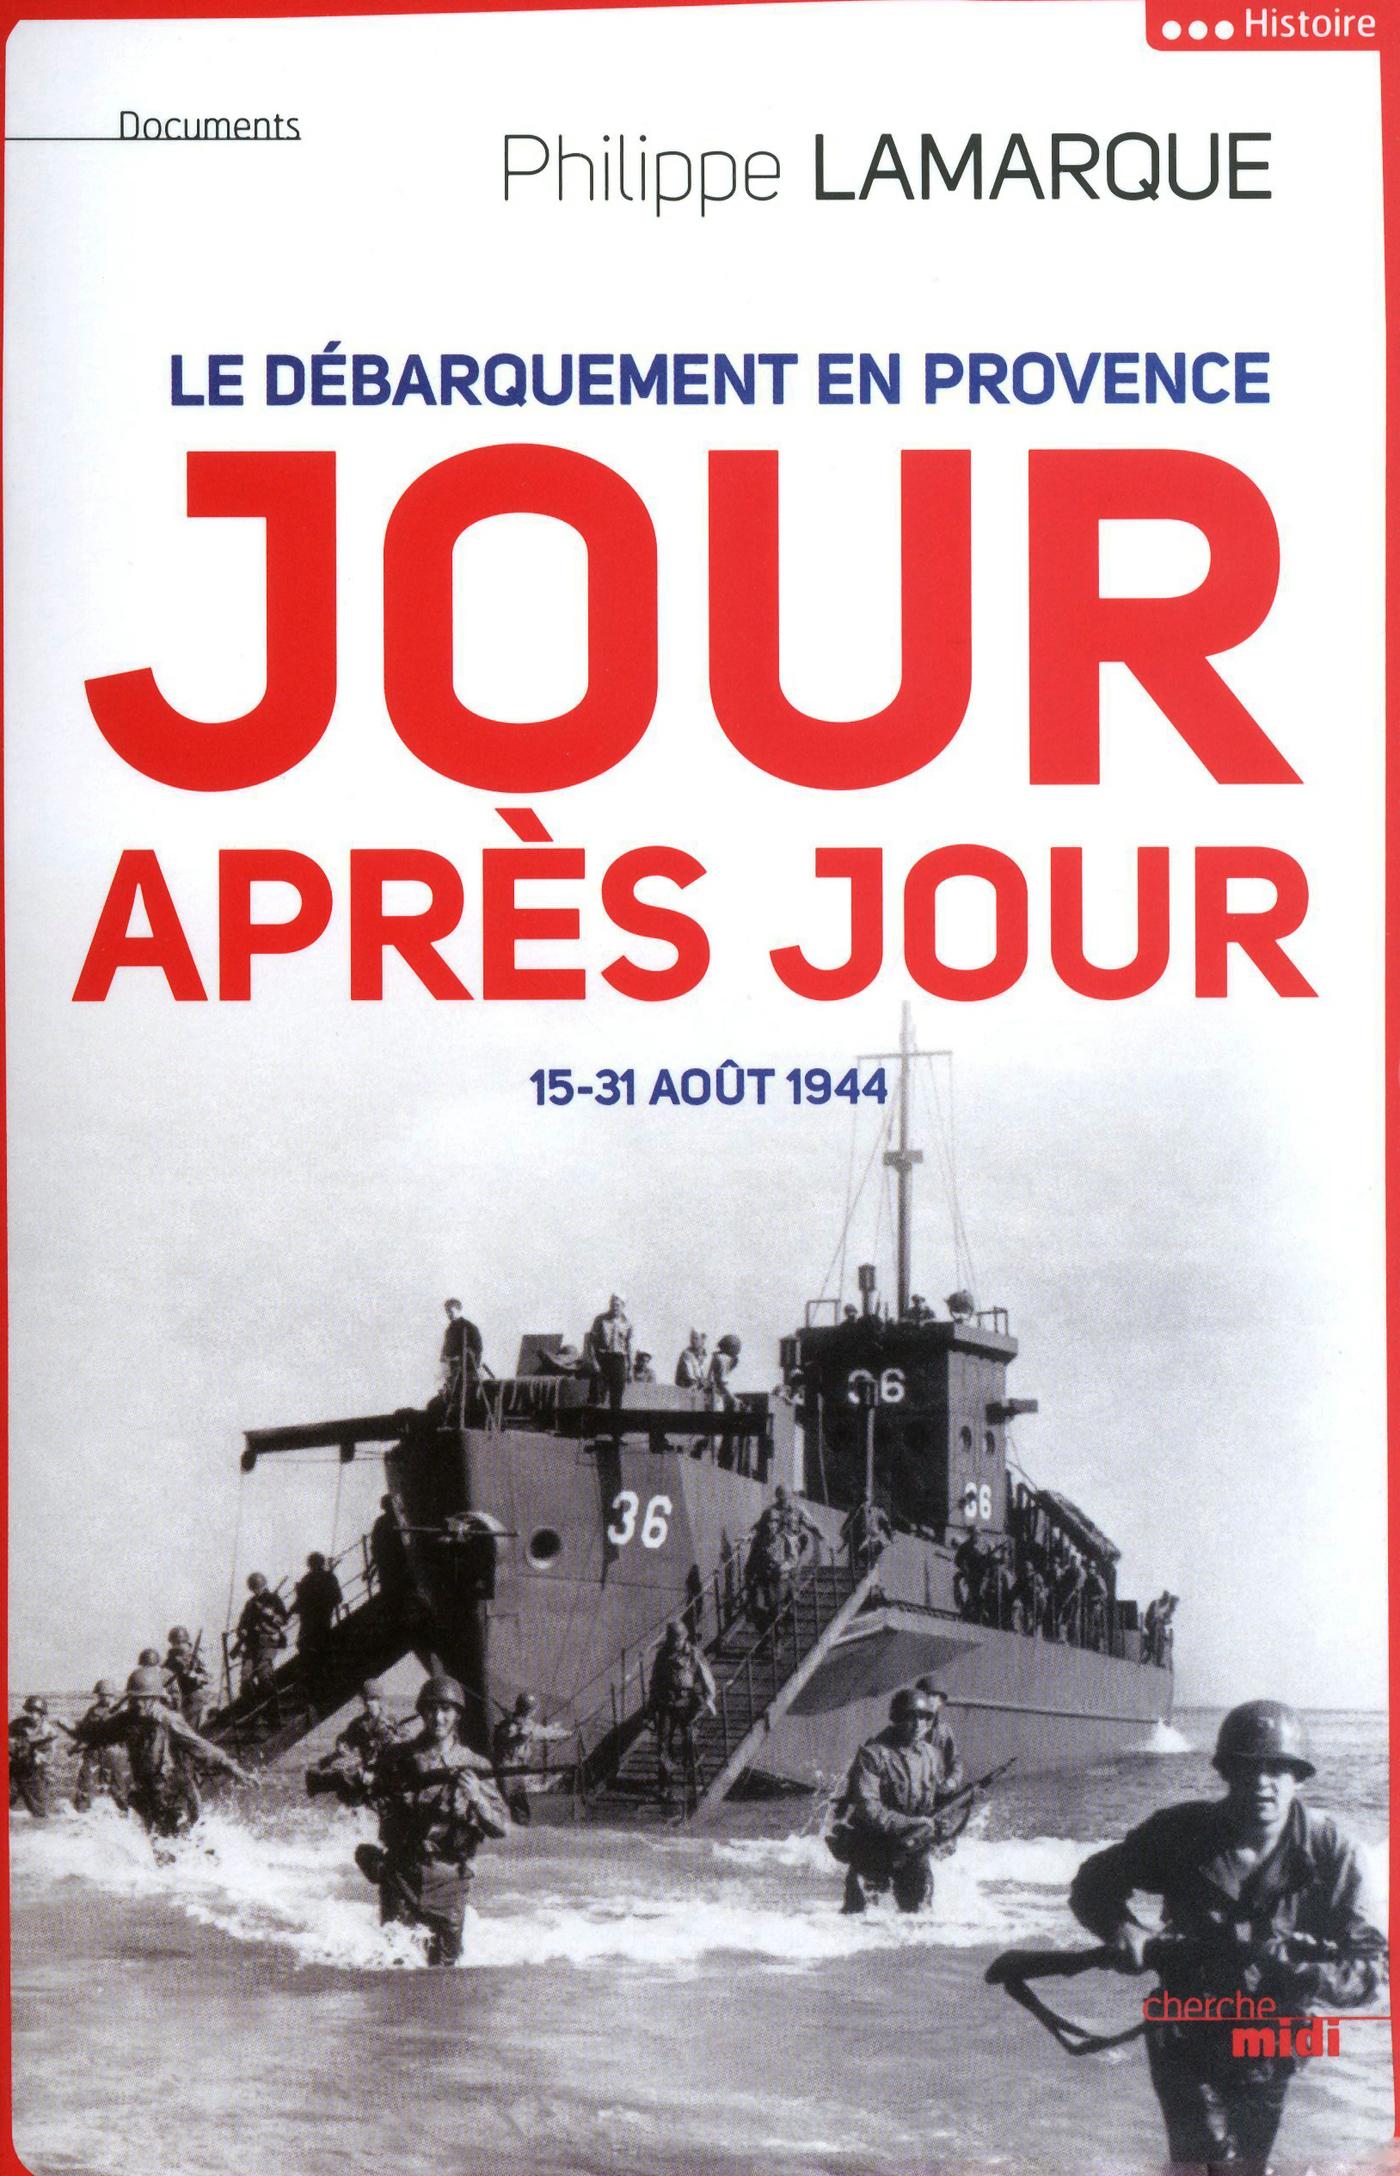 Le débarquement en Provence jour après jour